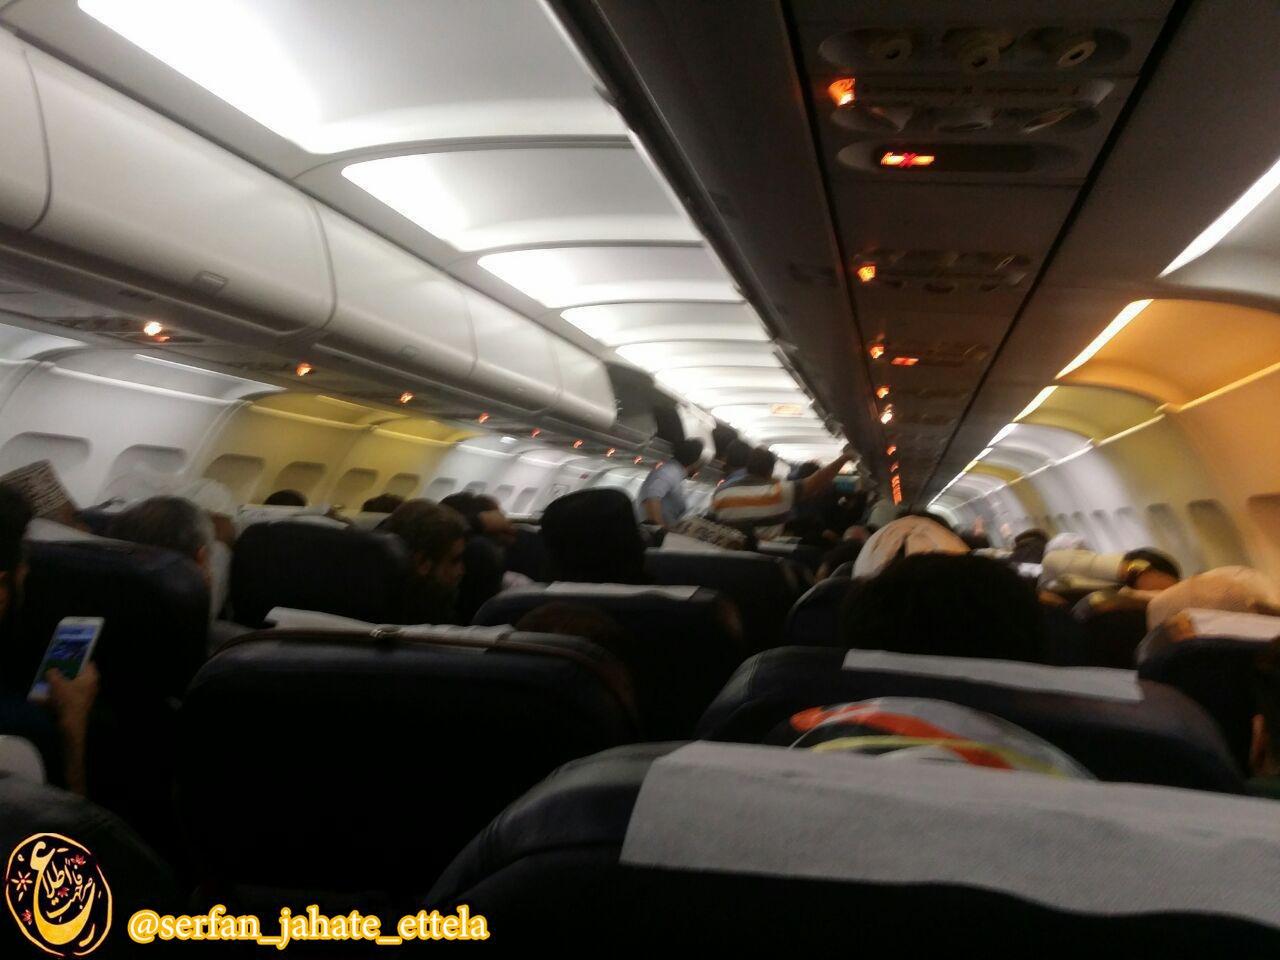 هواپیمایی زاگرس از تهران به مشهد، پس از دو ساعت تاخیر دقایقی پس از برخاستن از زمین به دلیل نقص فنی به مهرآباد بازگشت!